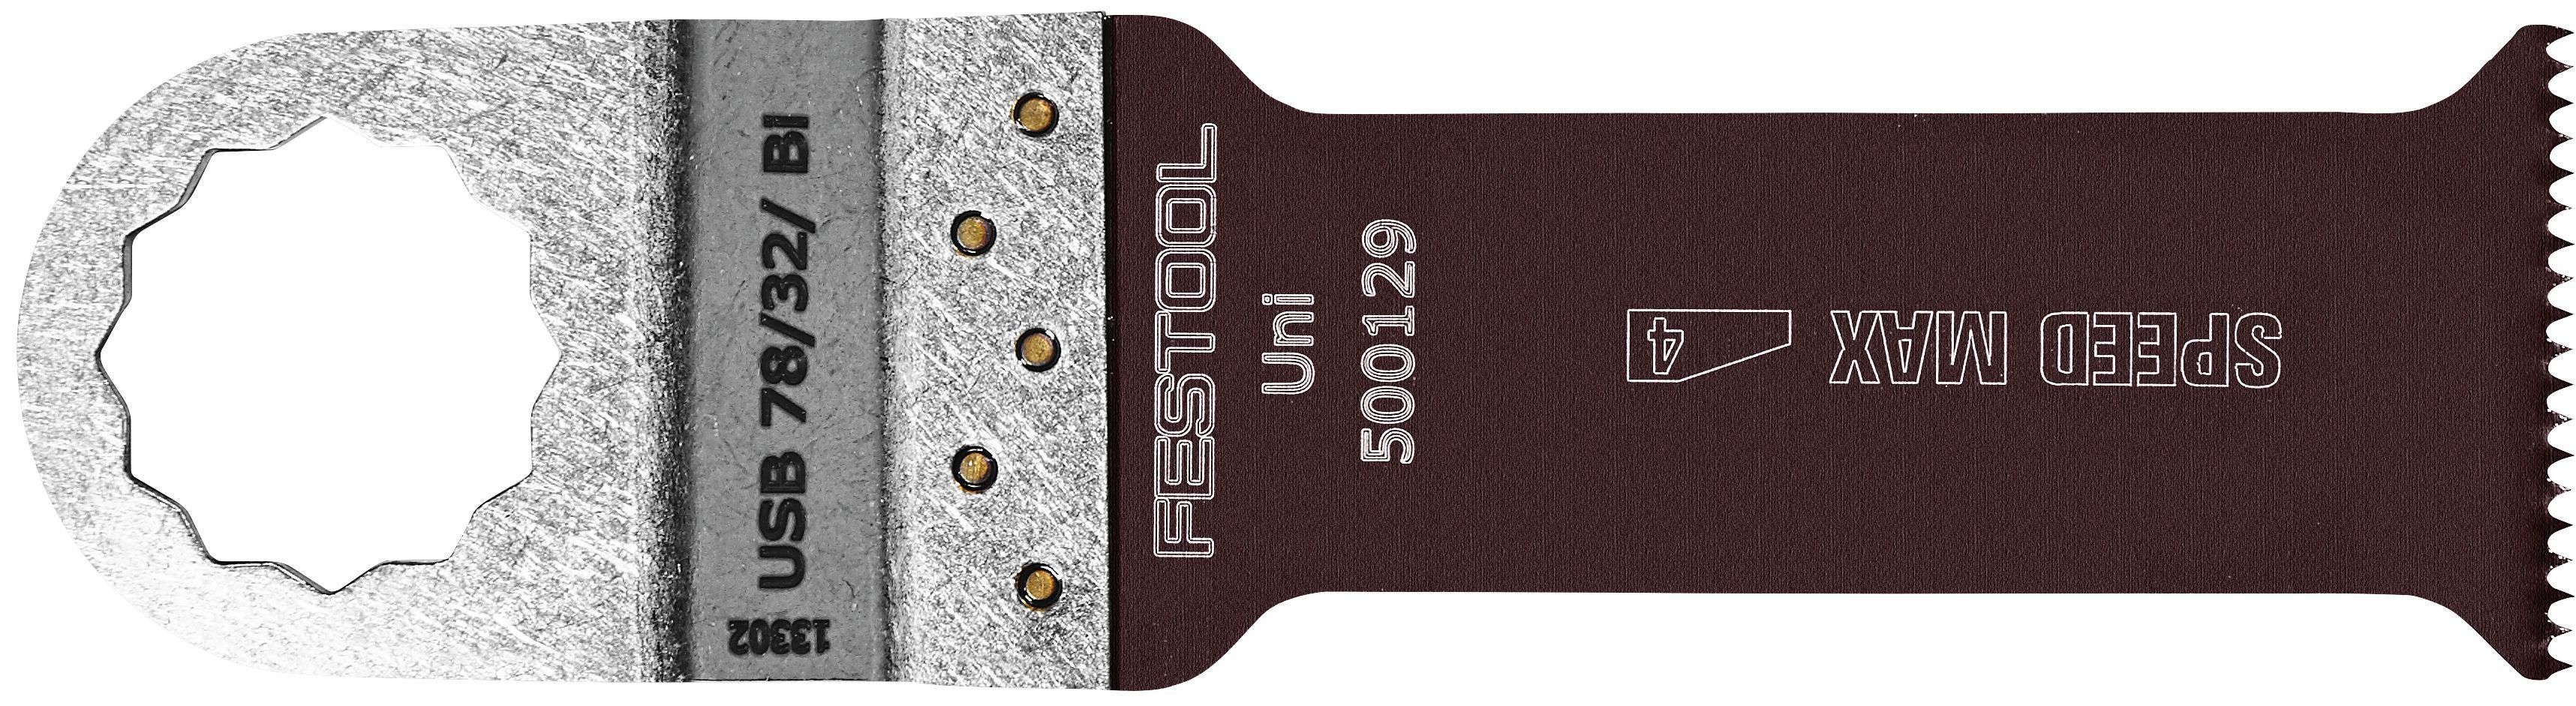 Festool Universal fjölsagarblað USB 78/32/Bi 5x 500143